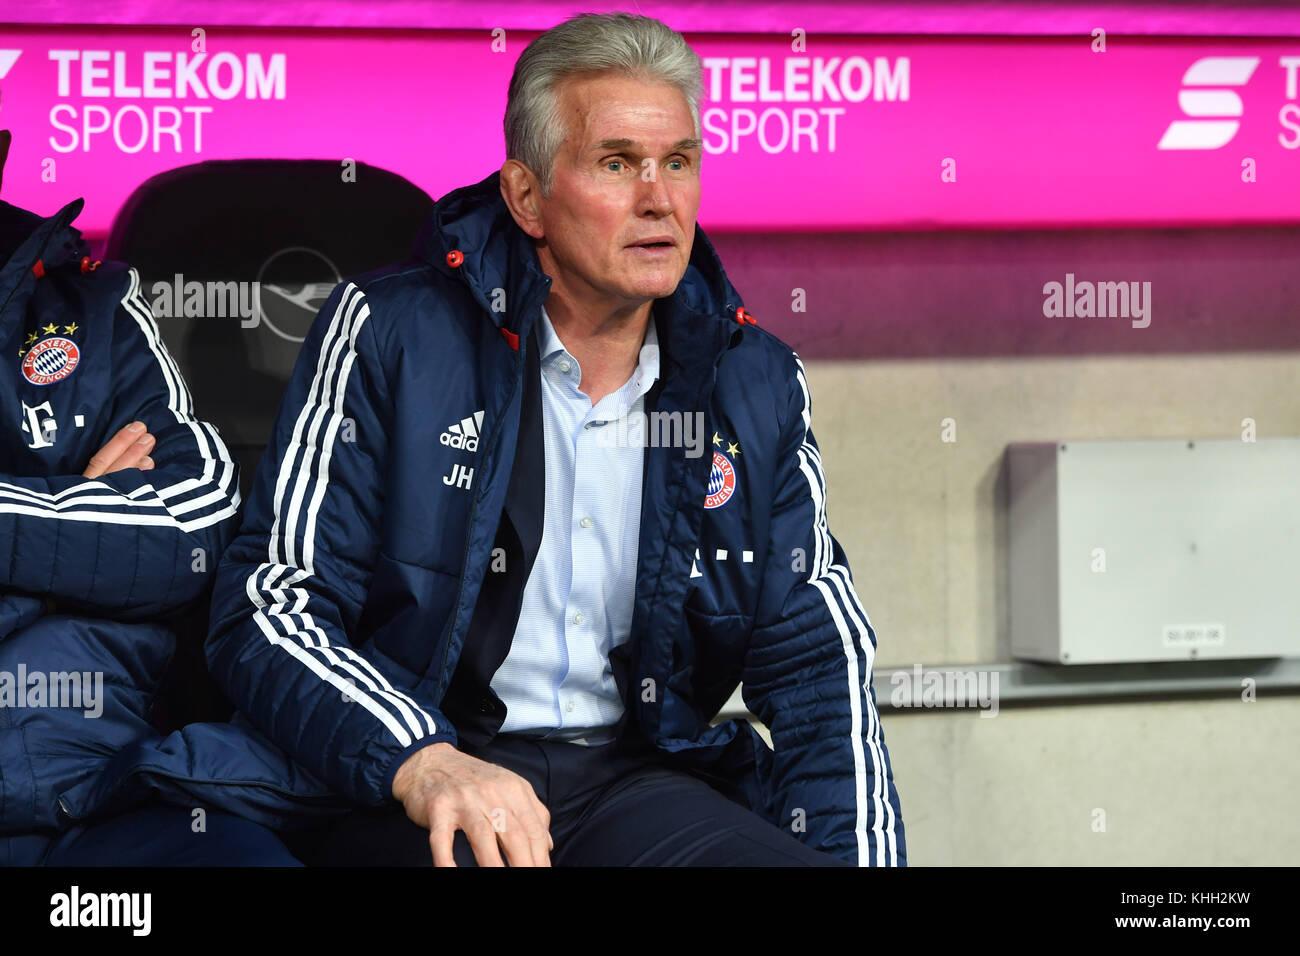 Jupp HEYNCKES (Trainer FC Bayern Munich), Einzelbild, angeschnittenes Einzelmotiv, Halbfigur, halbe Figur. Fussball - Stock Image